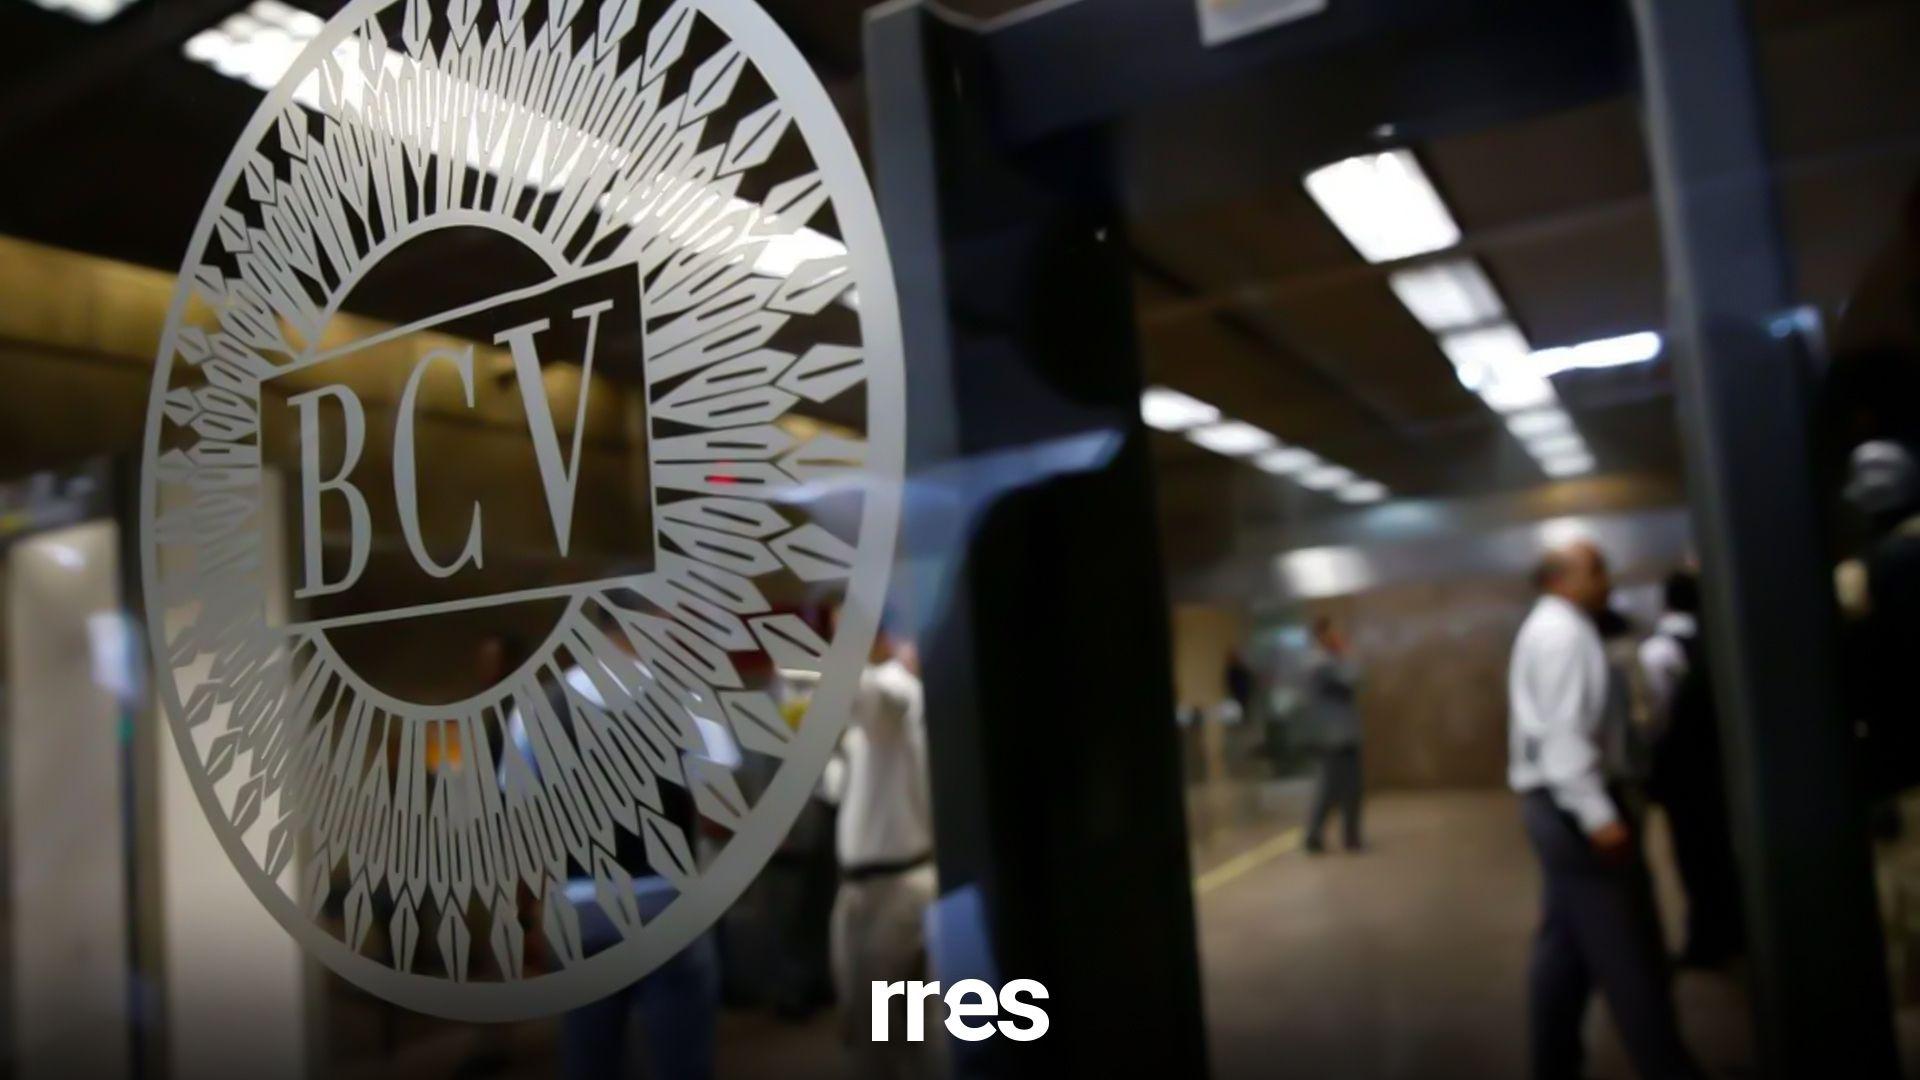 El BCV aflojó las riendas del crédito: ¿qué va a pasar con el dólar?